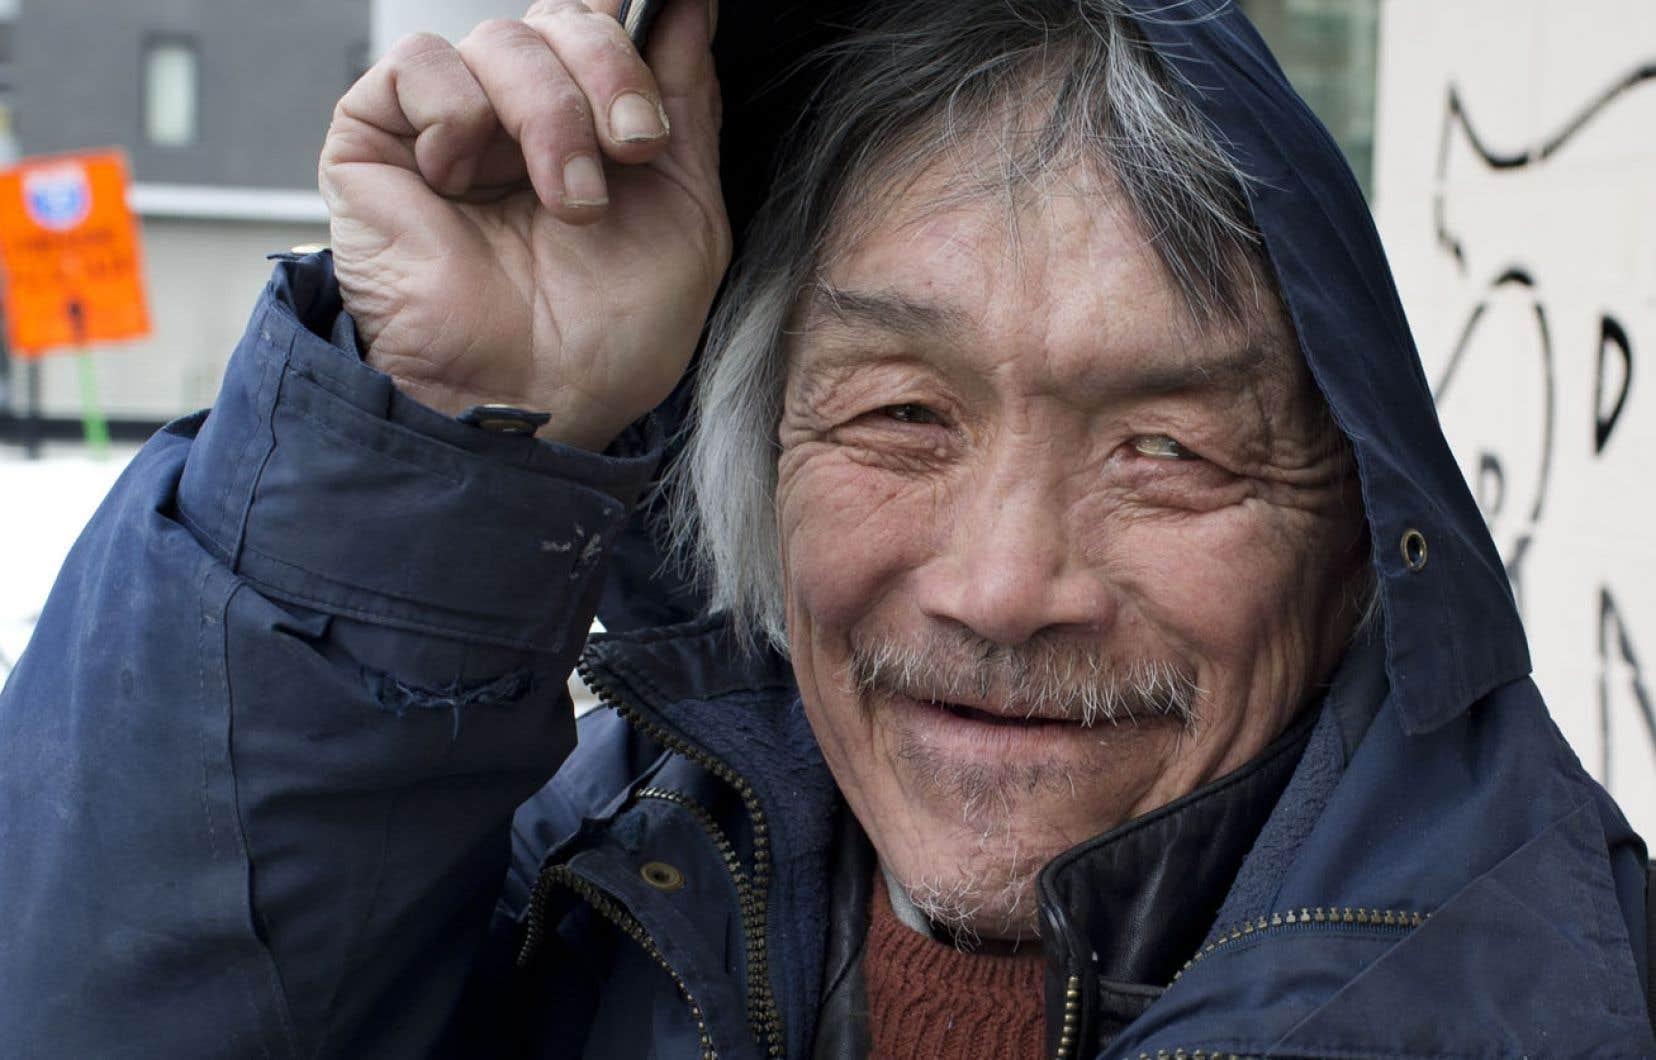 Les Inuits venus vivre à Montréal et qui se sont retrouvés en situation d'itinérance ont peu de chances de s'en sortir, selon une étude réalisée par un chercheur japonais.